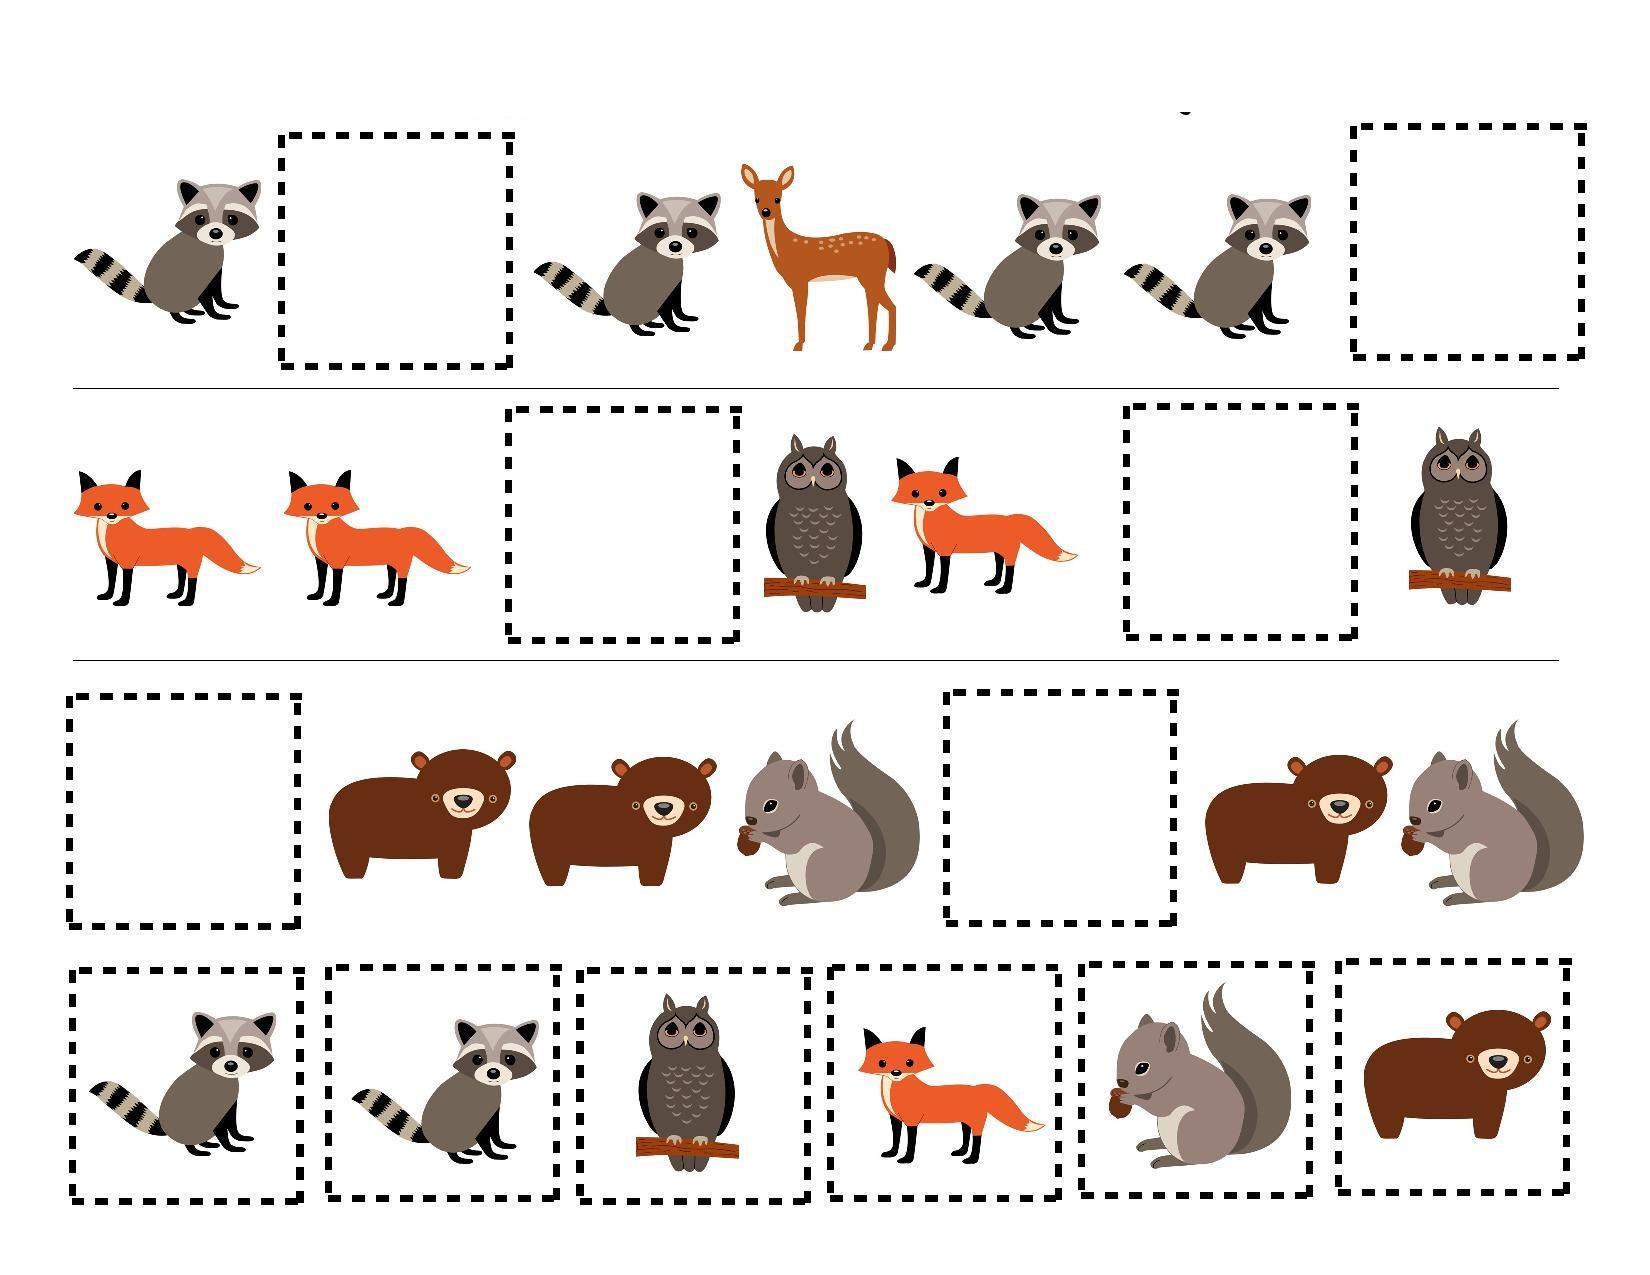 Forest Animal Worksheet For Preschool